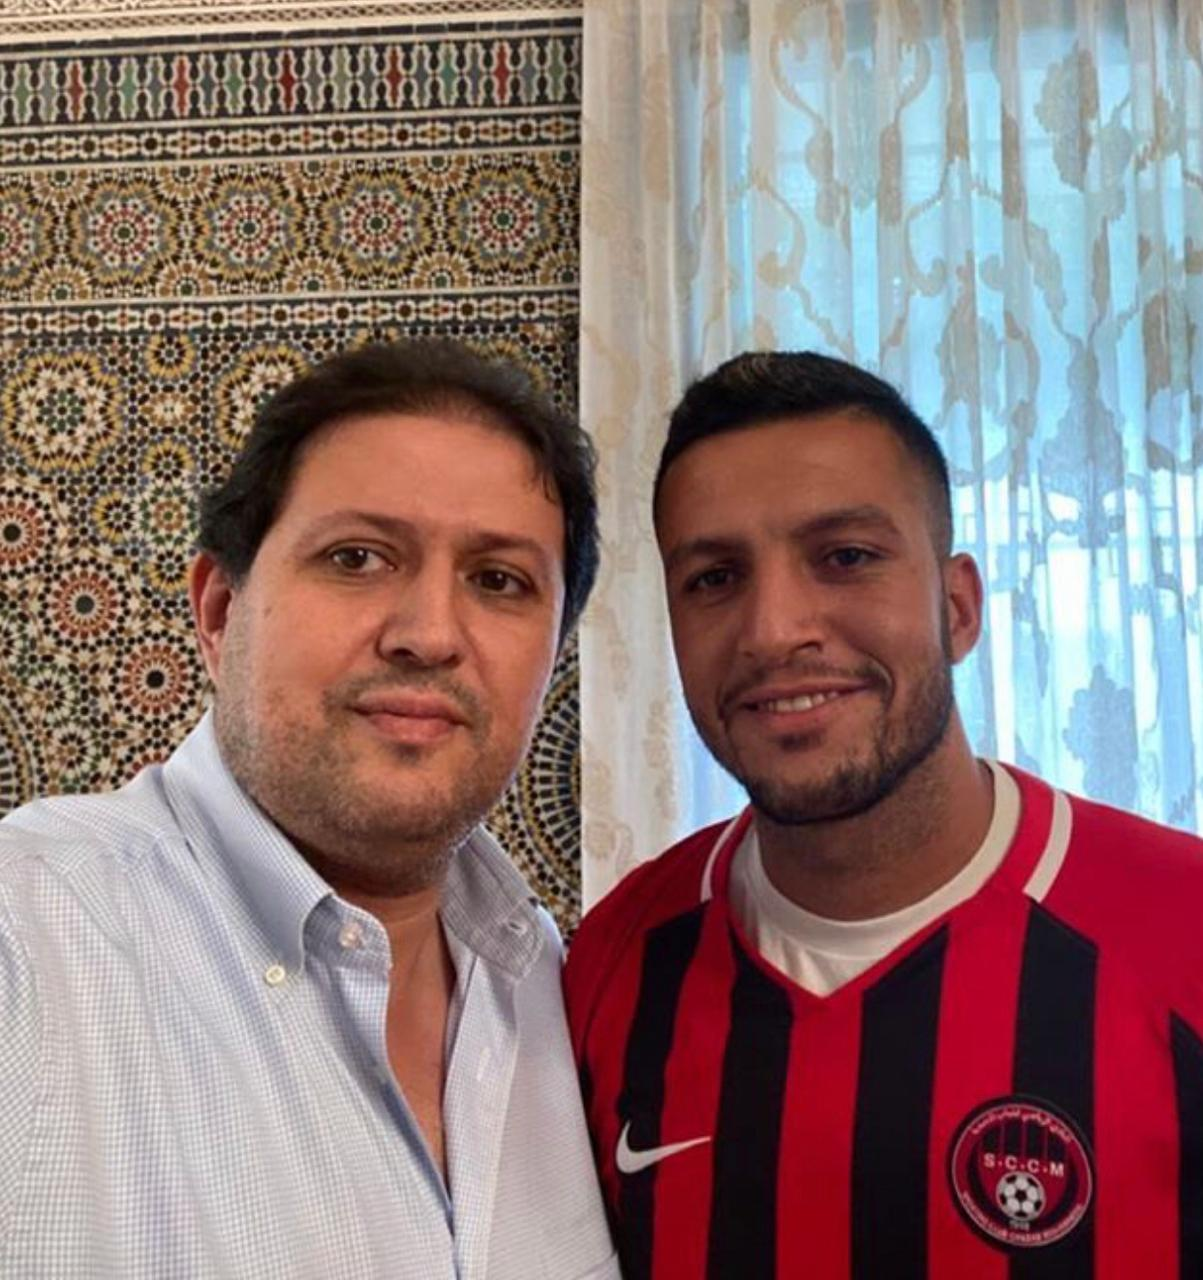 خالد حشادي رسميا بشباب المحمدية